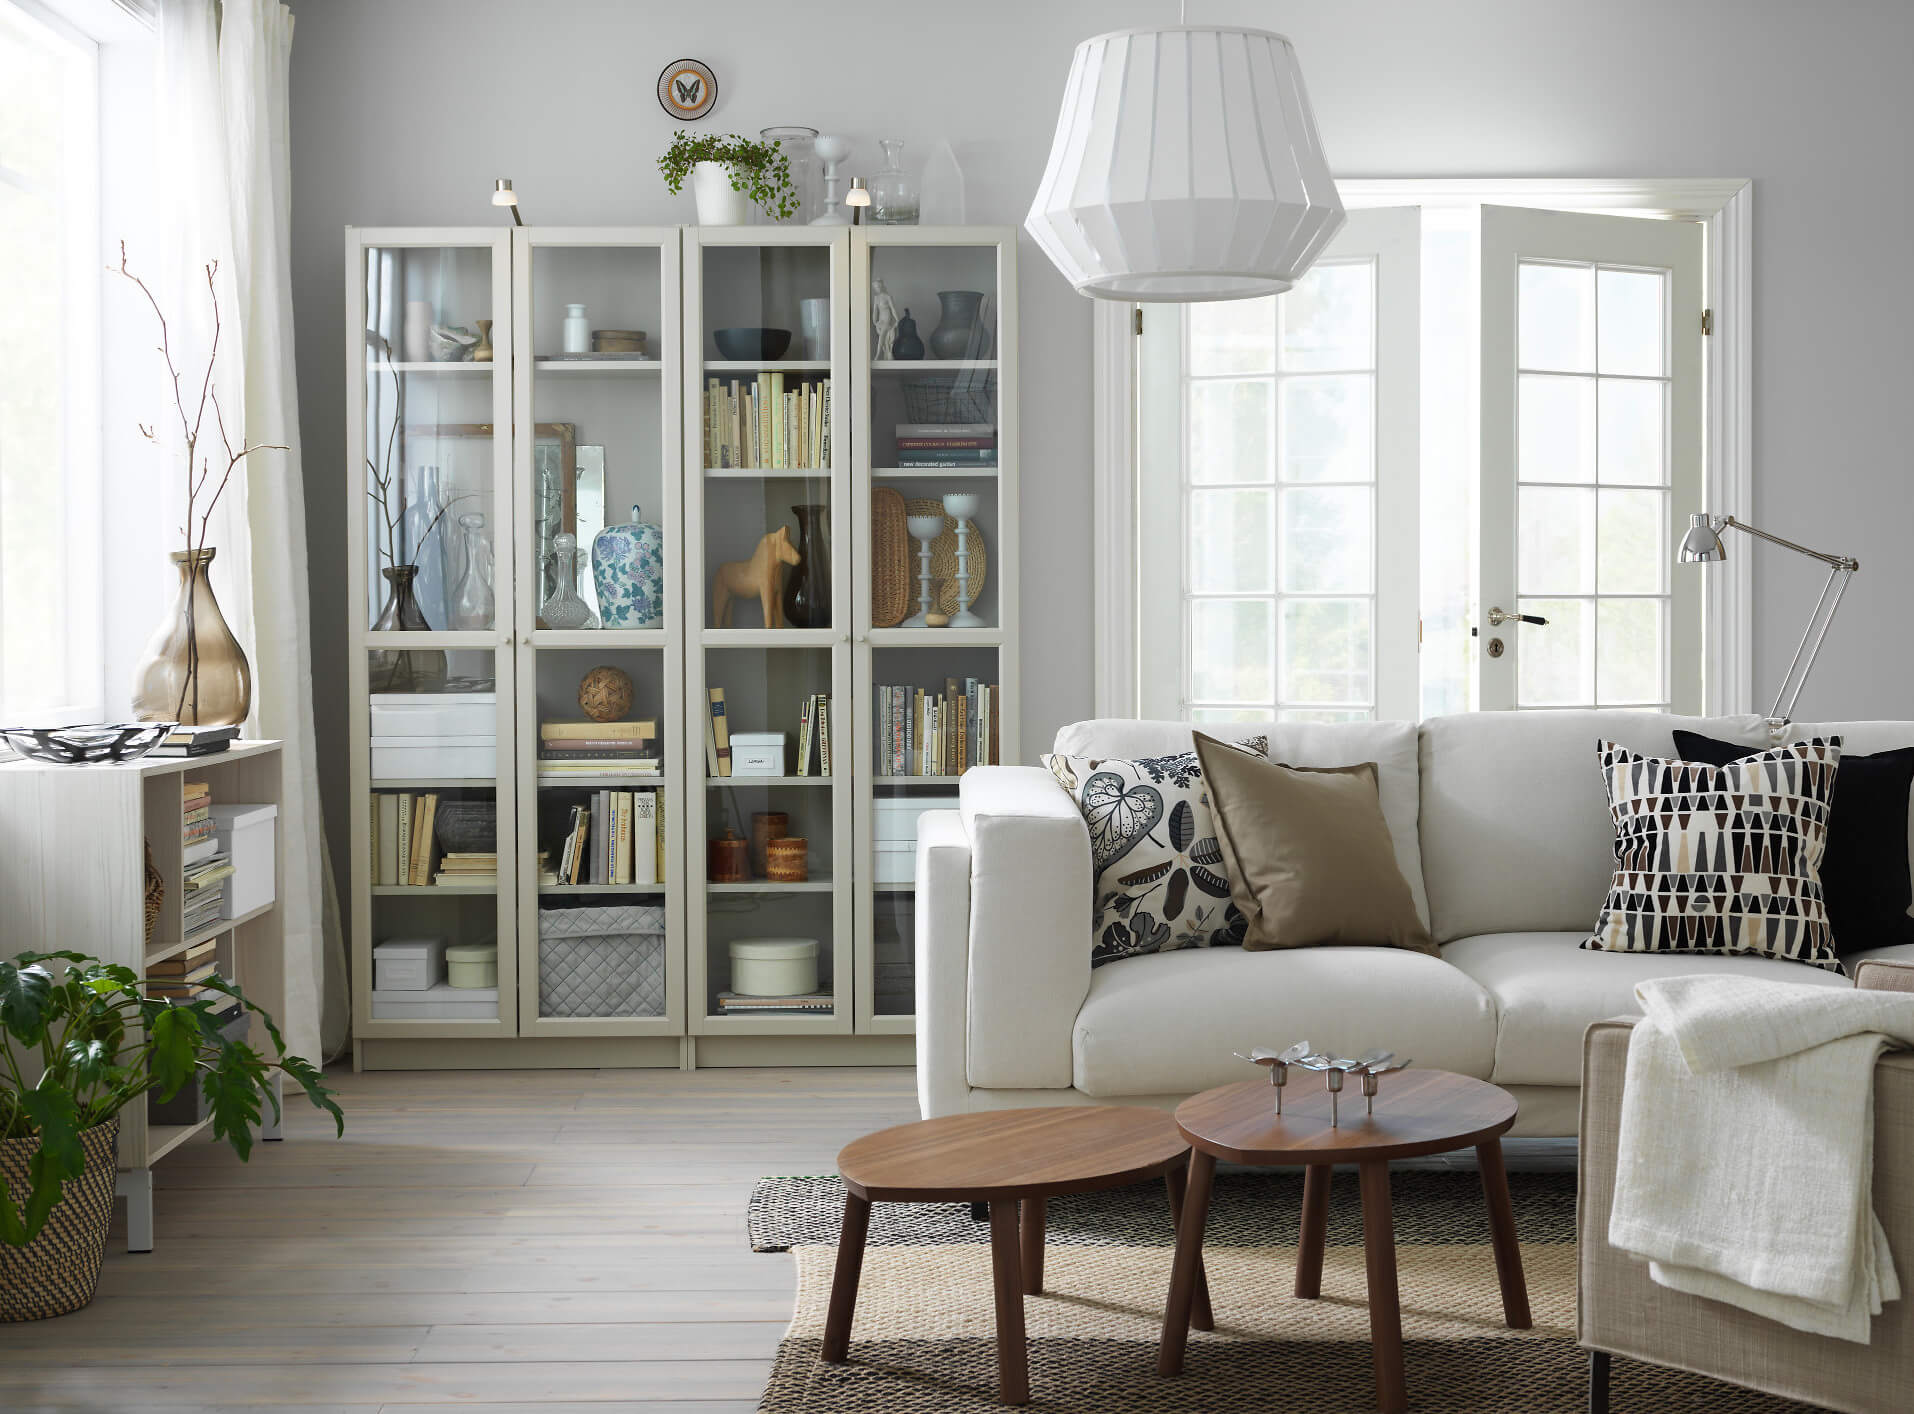 """8 ไอเดียเอา """"ตู้เก็บของ"""" มาจัดบ้านยังไงให้สวยและได้ประโยชน์ 37 - decorate"""